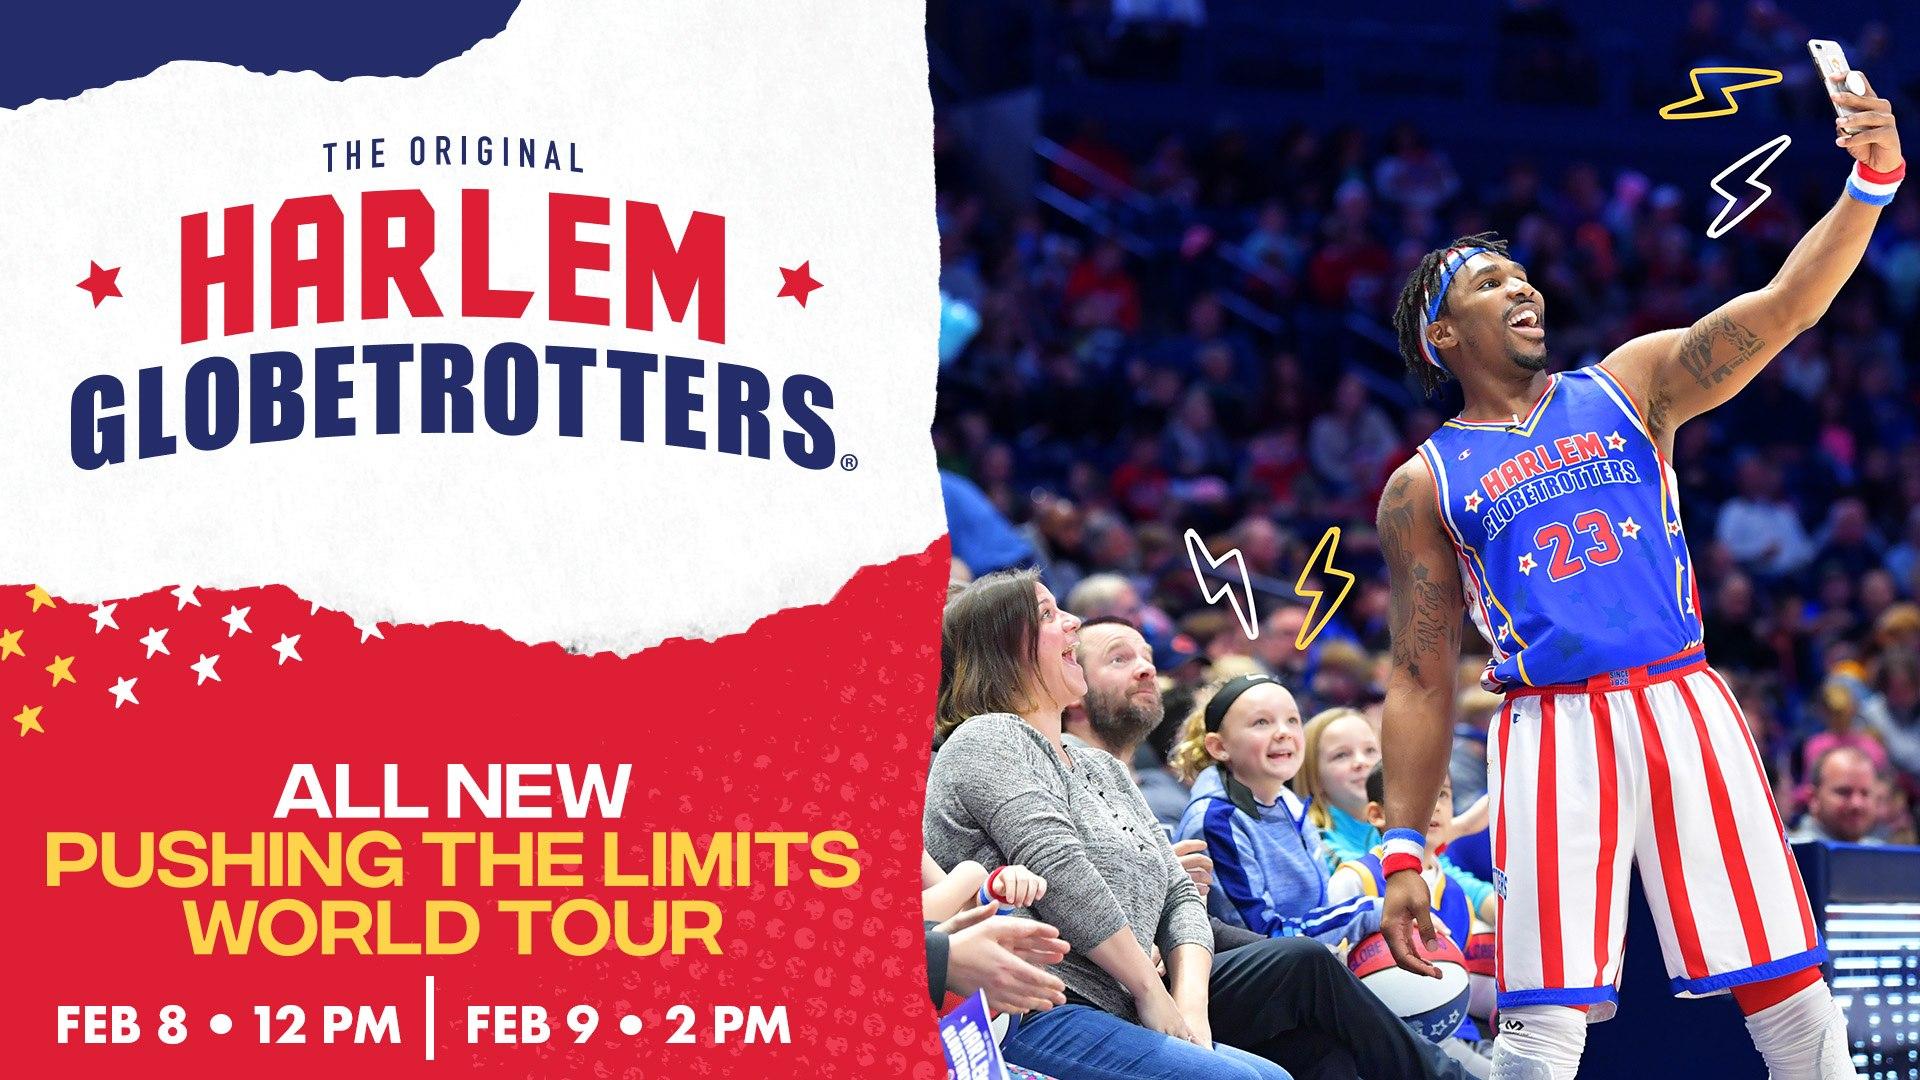 Harlem Globetrotters Pushing the Limits World Tour